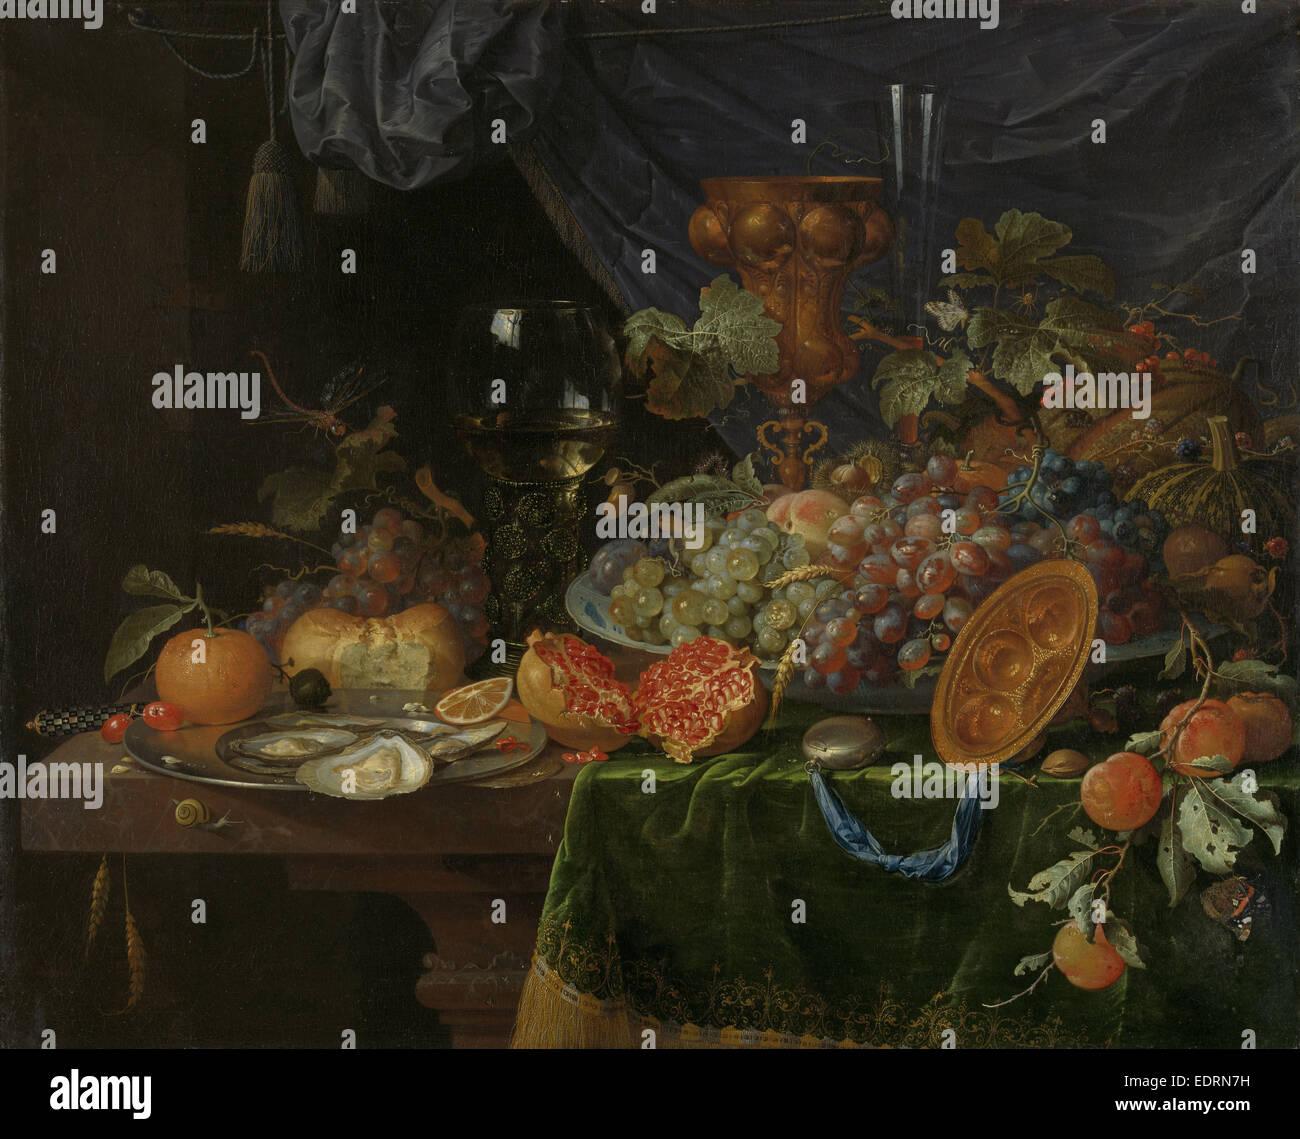 Bodegón con frutas y ostras, Abraham Mignon, 1660 - 1679 Imagen De Stock